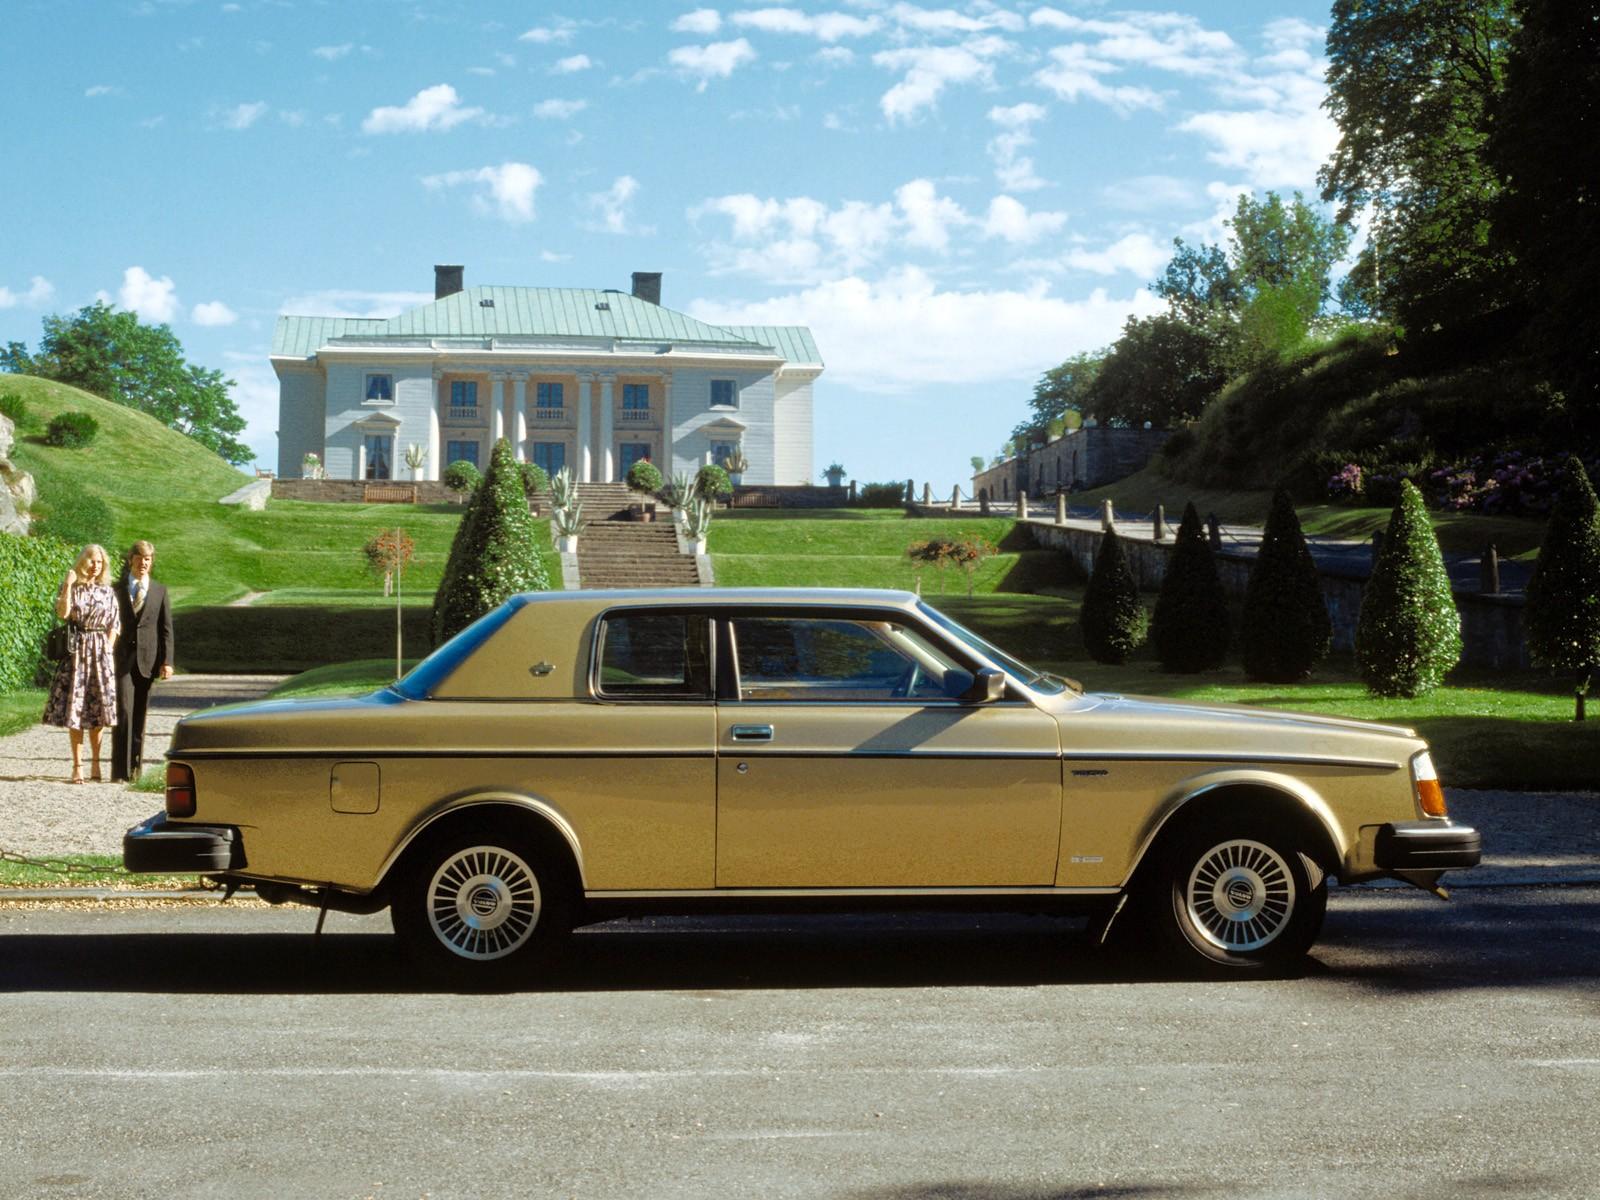 VOLVO 262 C specs & photos - 1977, 1978, 1979, 1980, 1981 - autoevolution